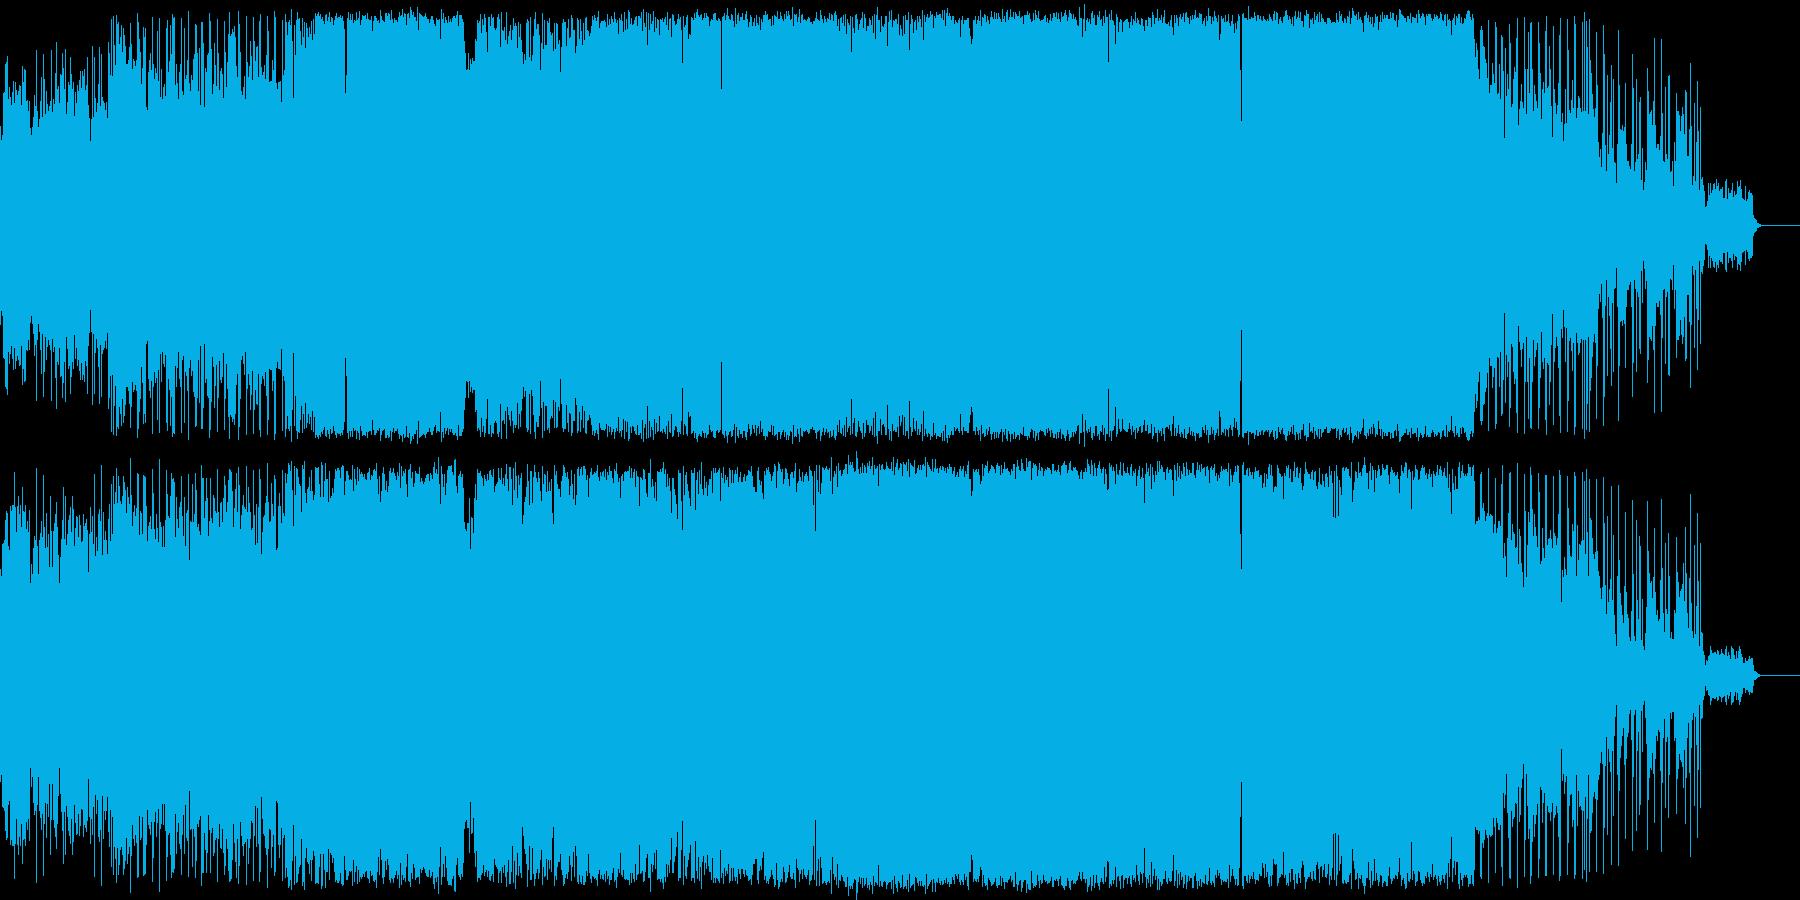 ハードロックバラード,ラウド,ギター生演の再生済みの波形